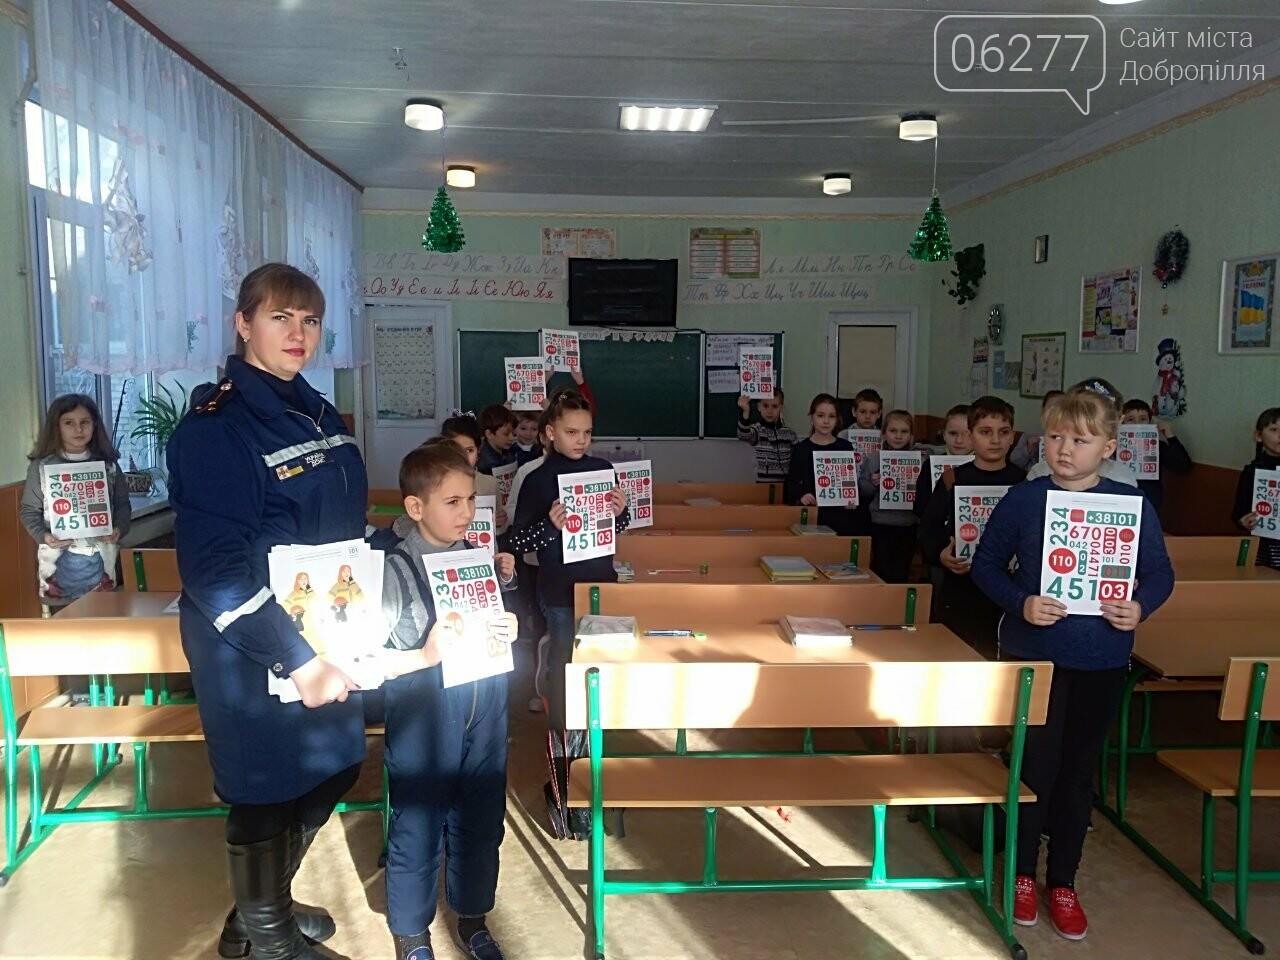 У Добропіллі рятувальники розповіли школярам, як діяти в екстрених ситуаціях, фото-3